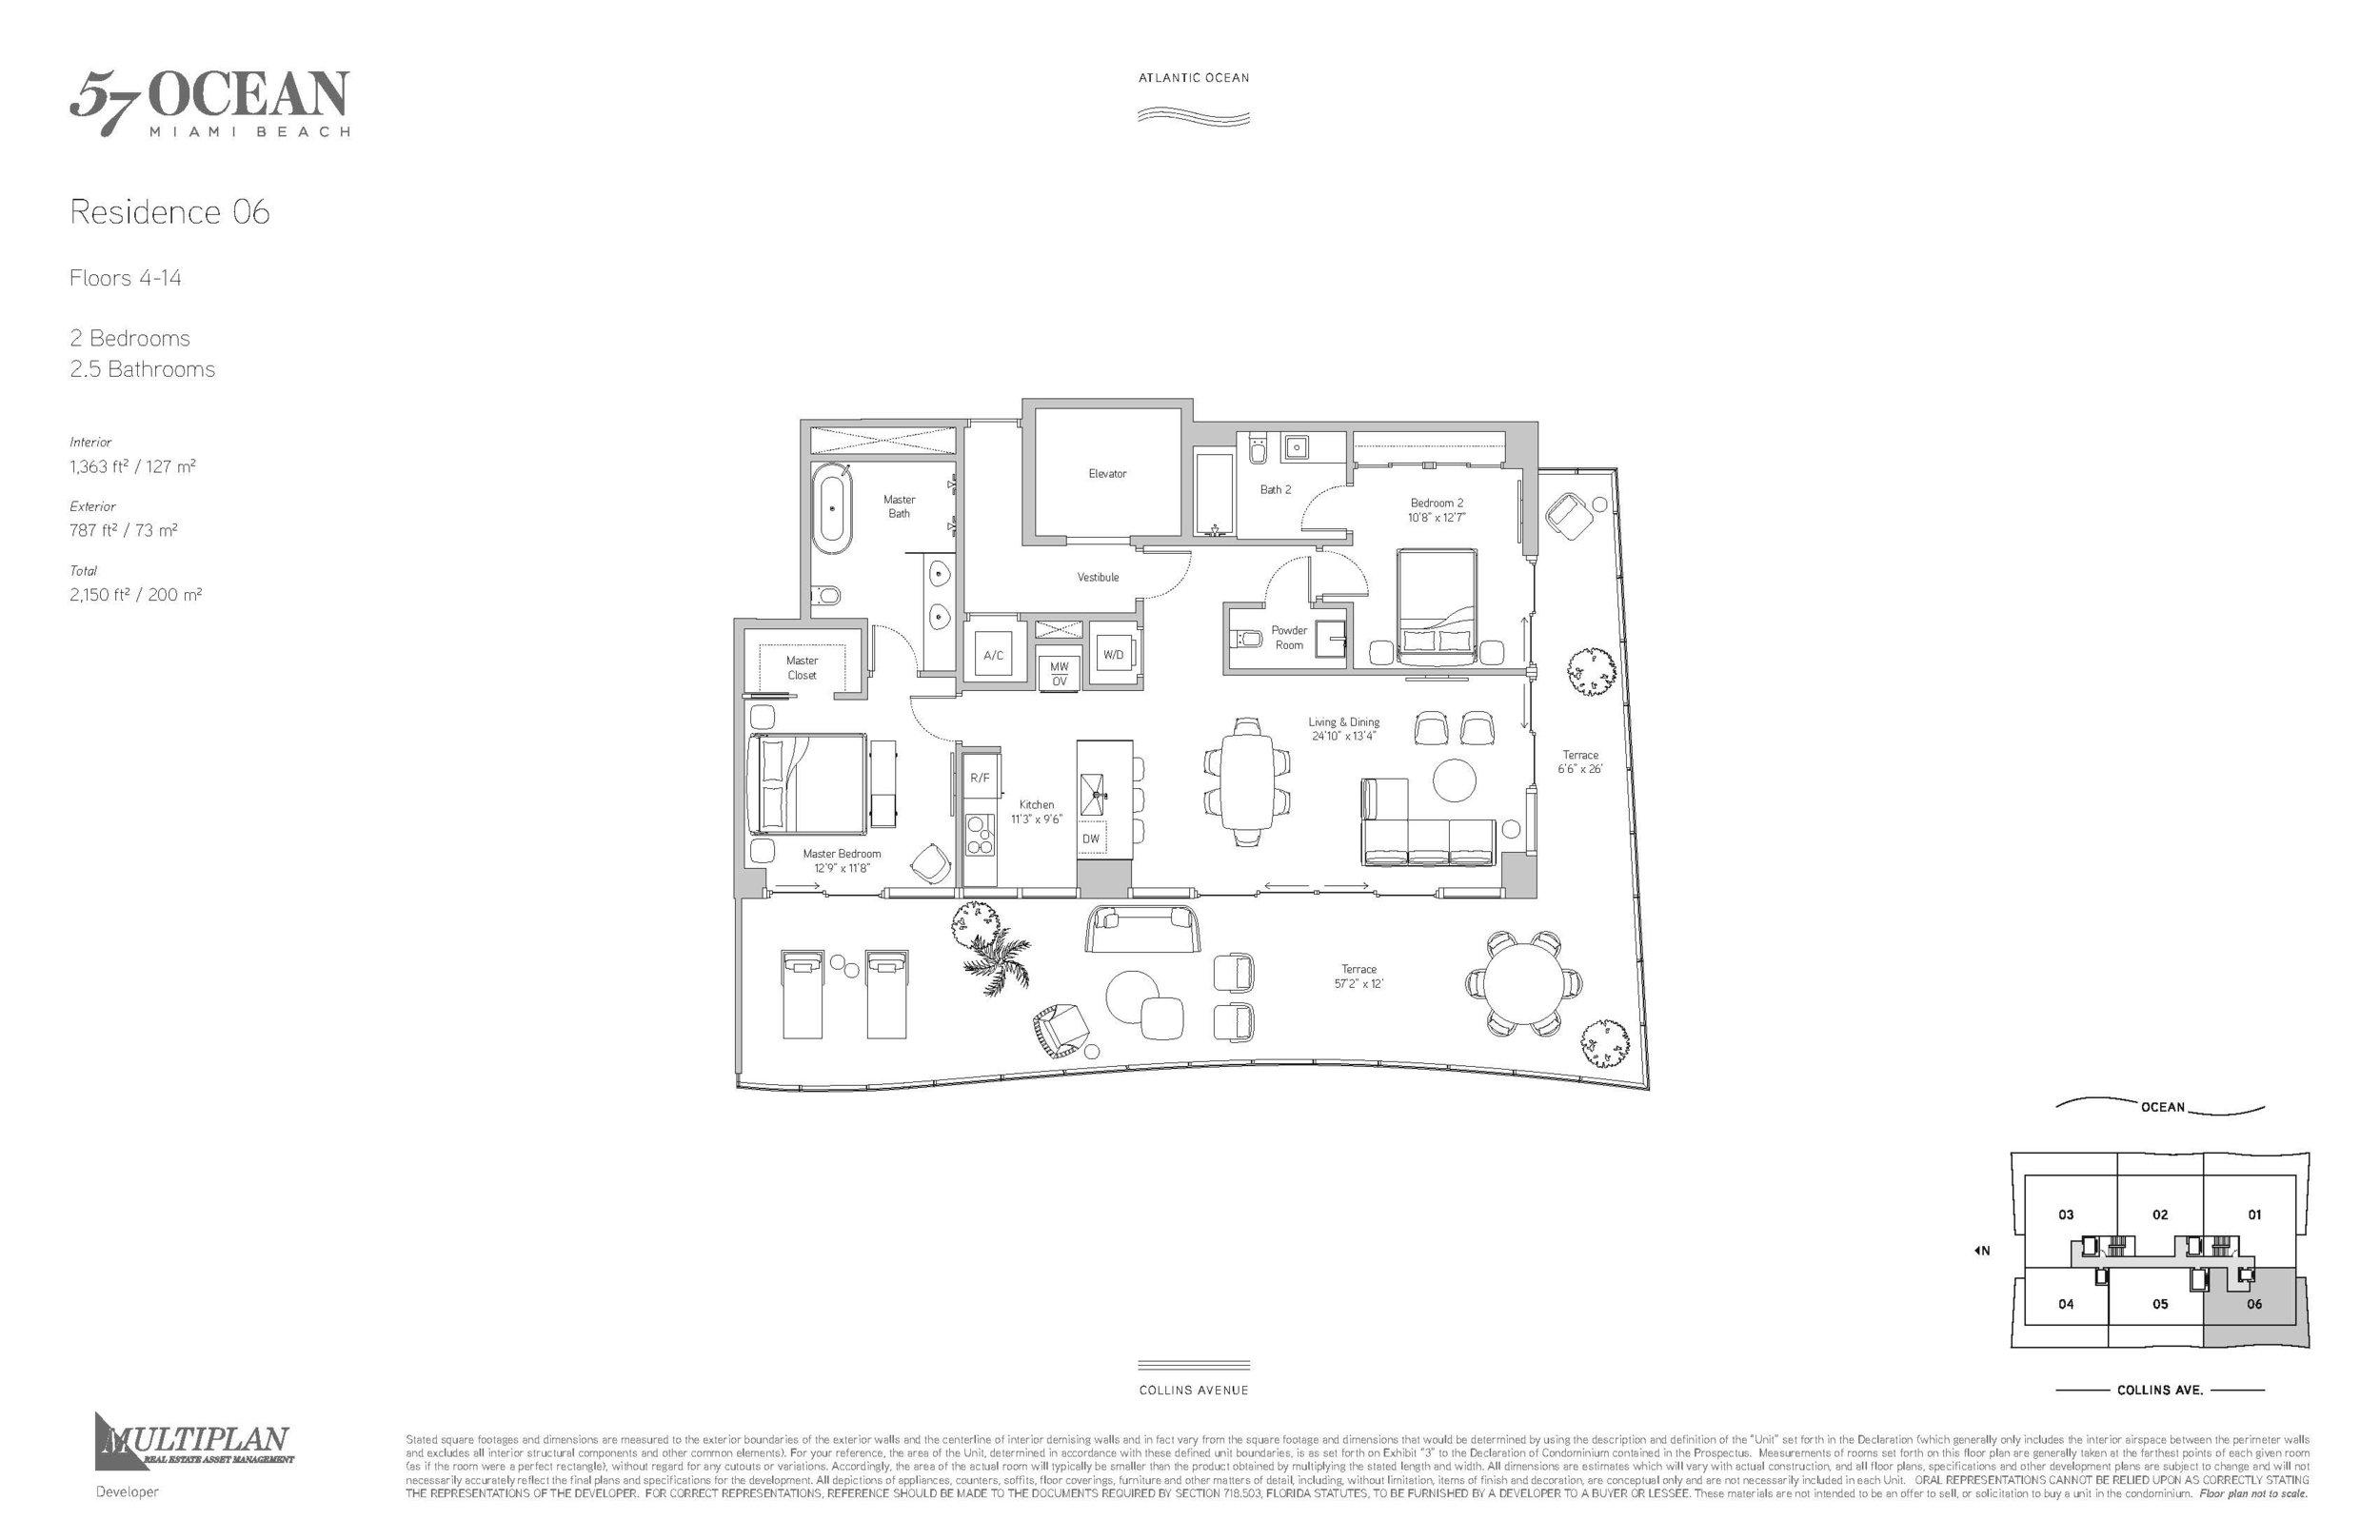 57 Ocean Floor Plans - 2 Bedrooms 06-Line